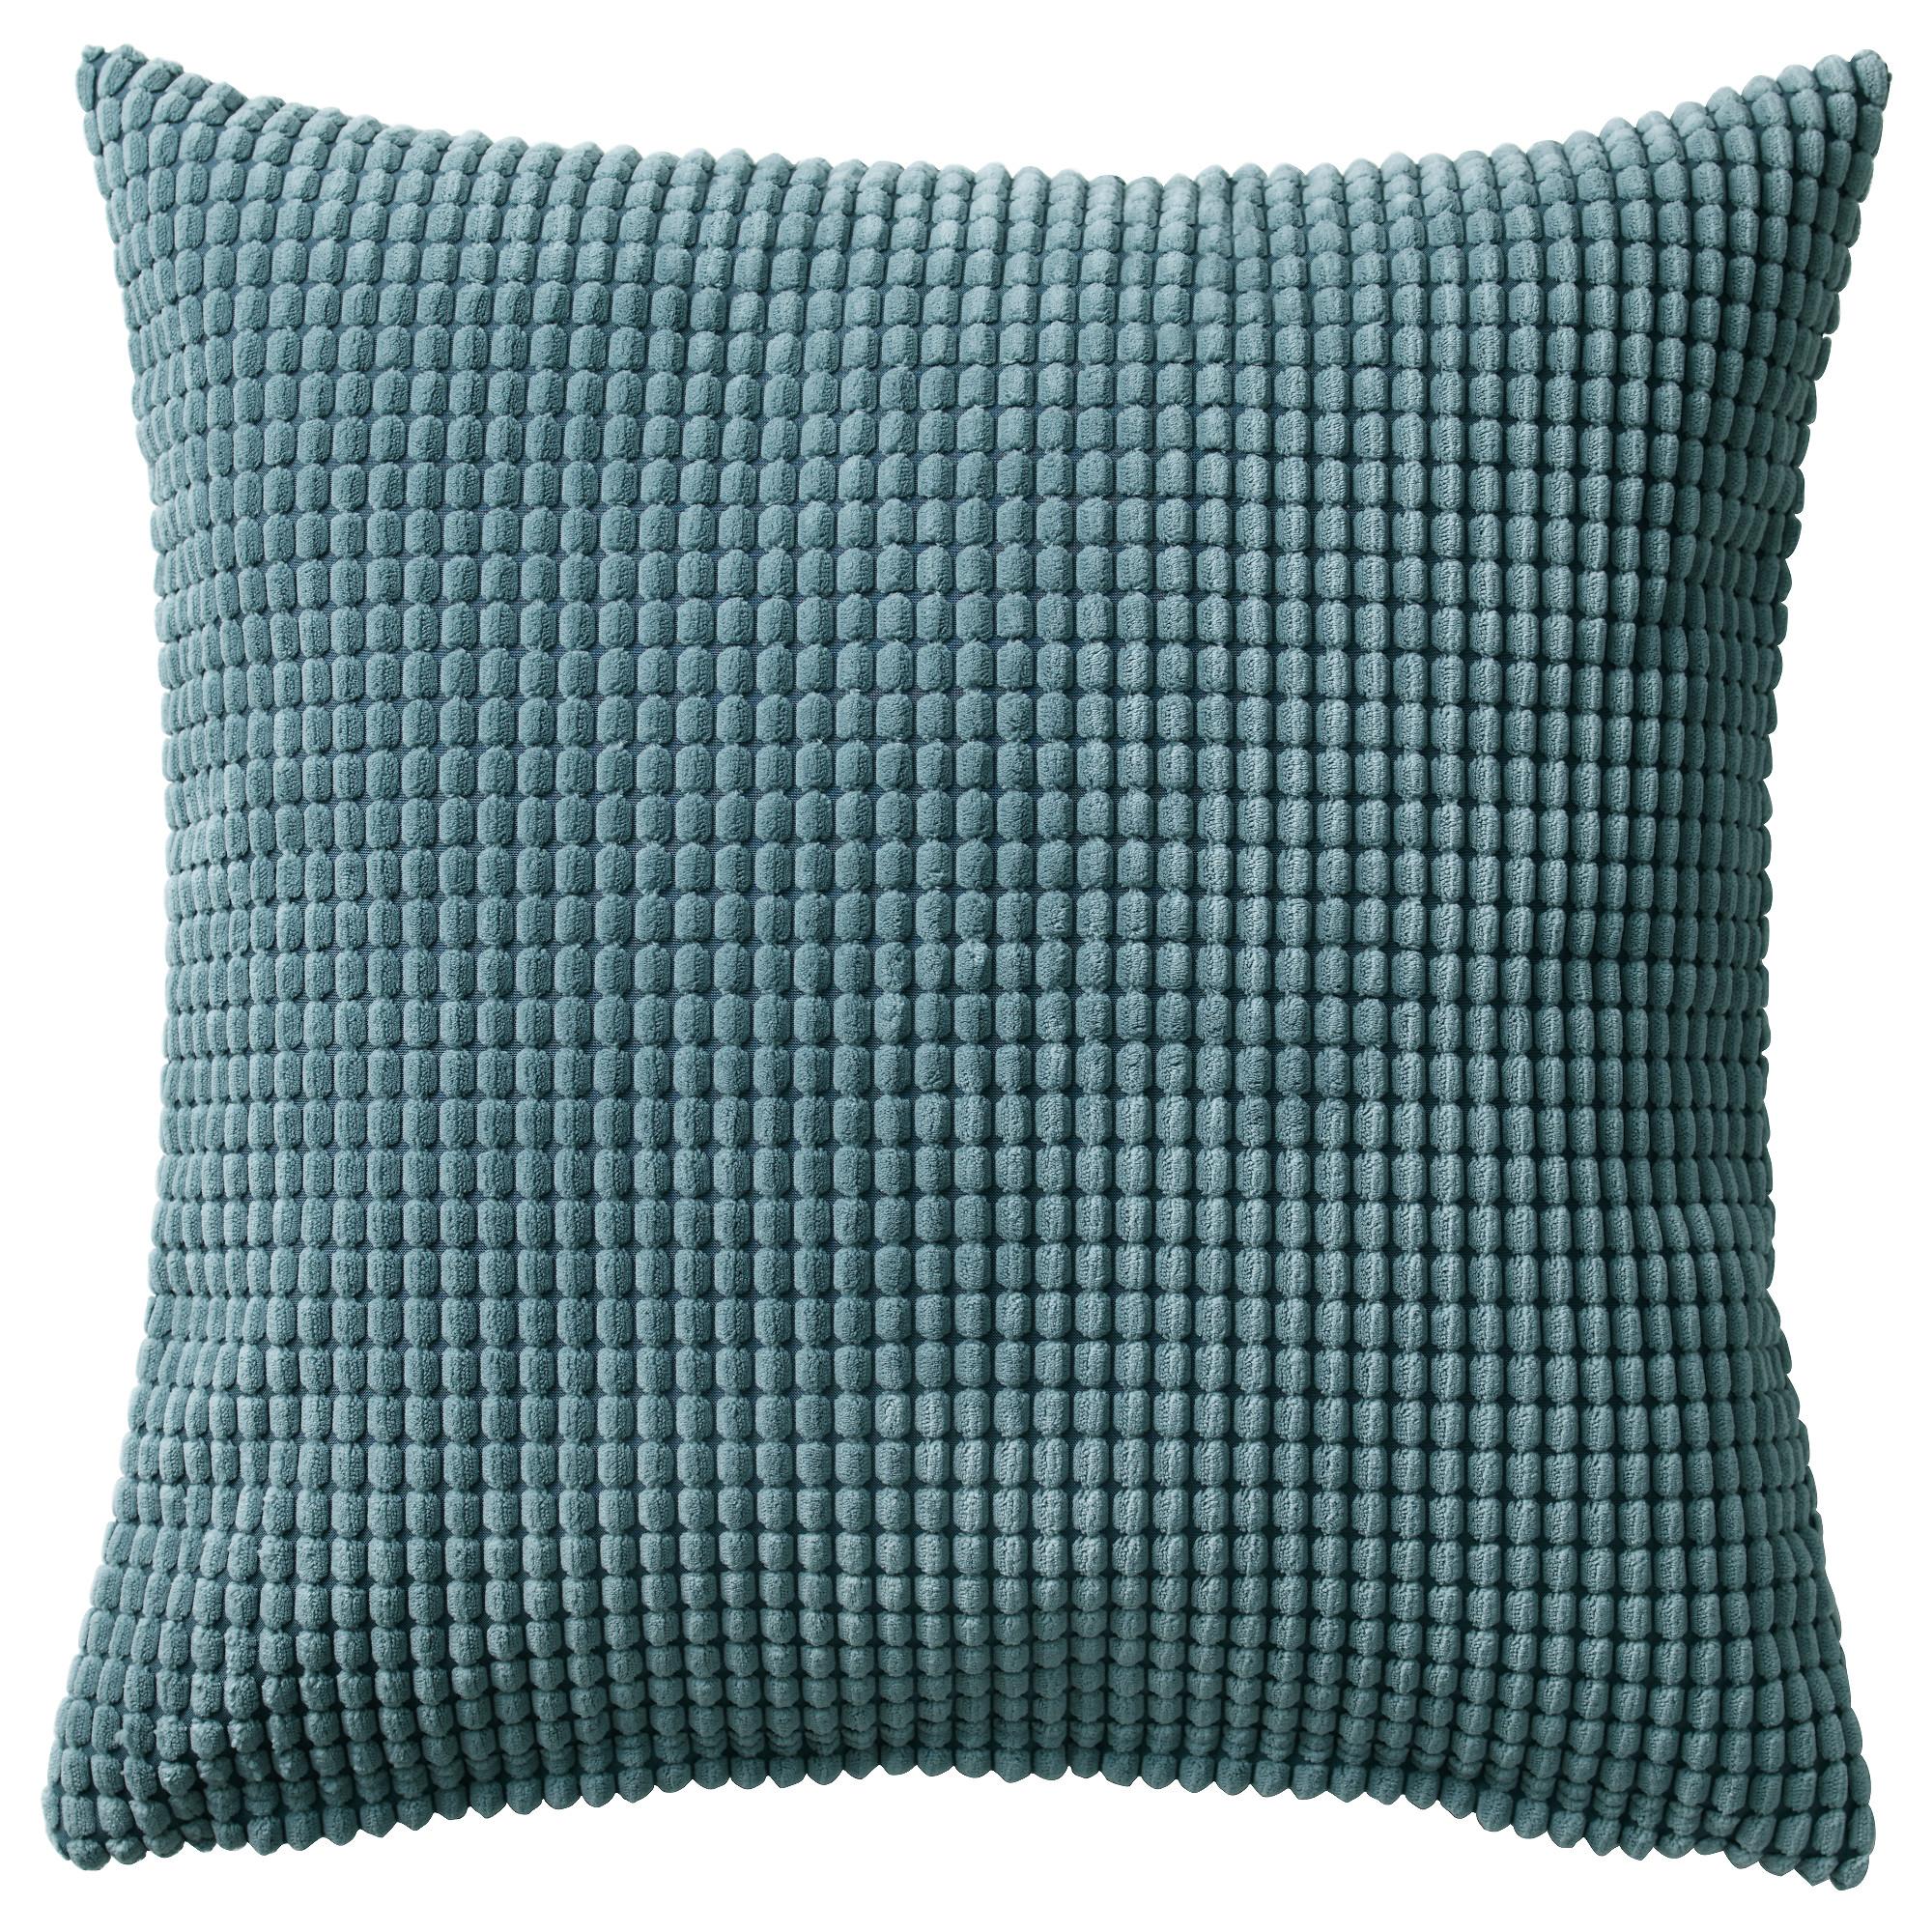 Decorative cushion for sofa car chair throw pillows woven